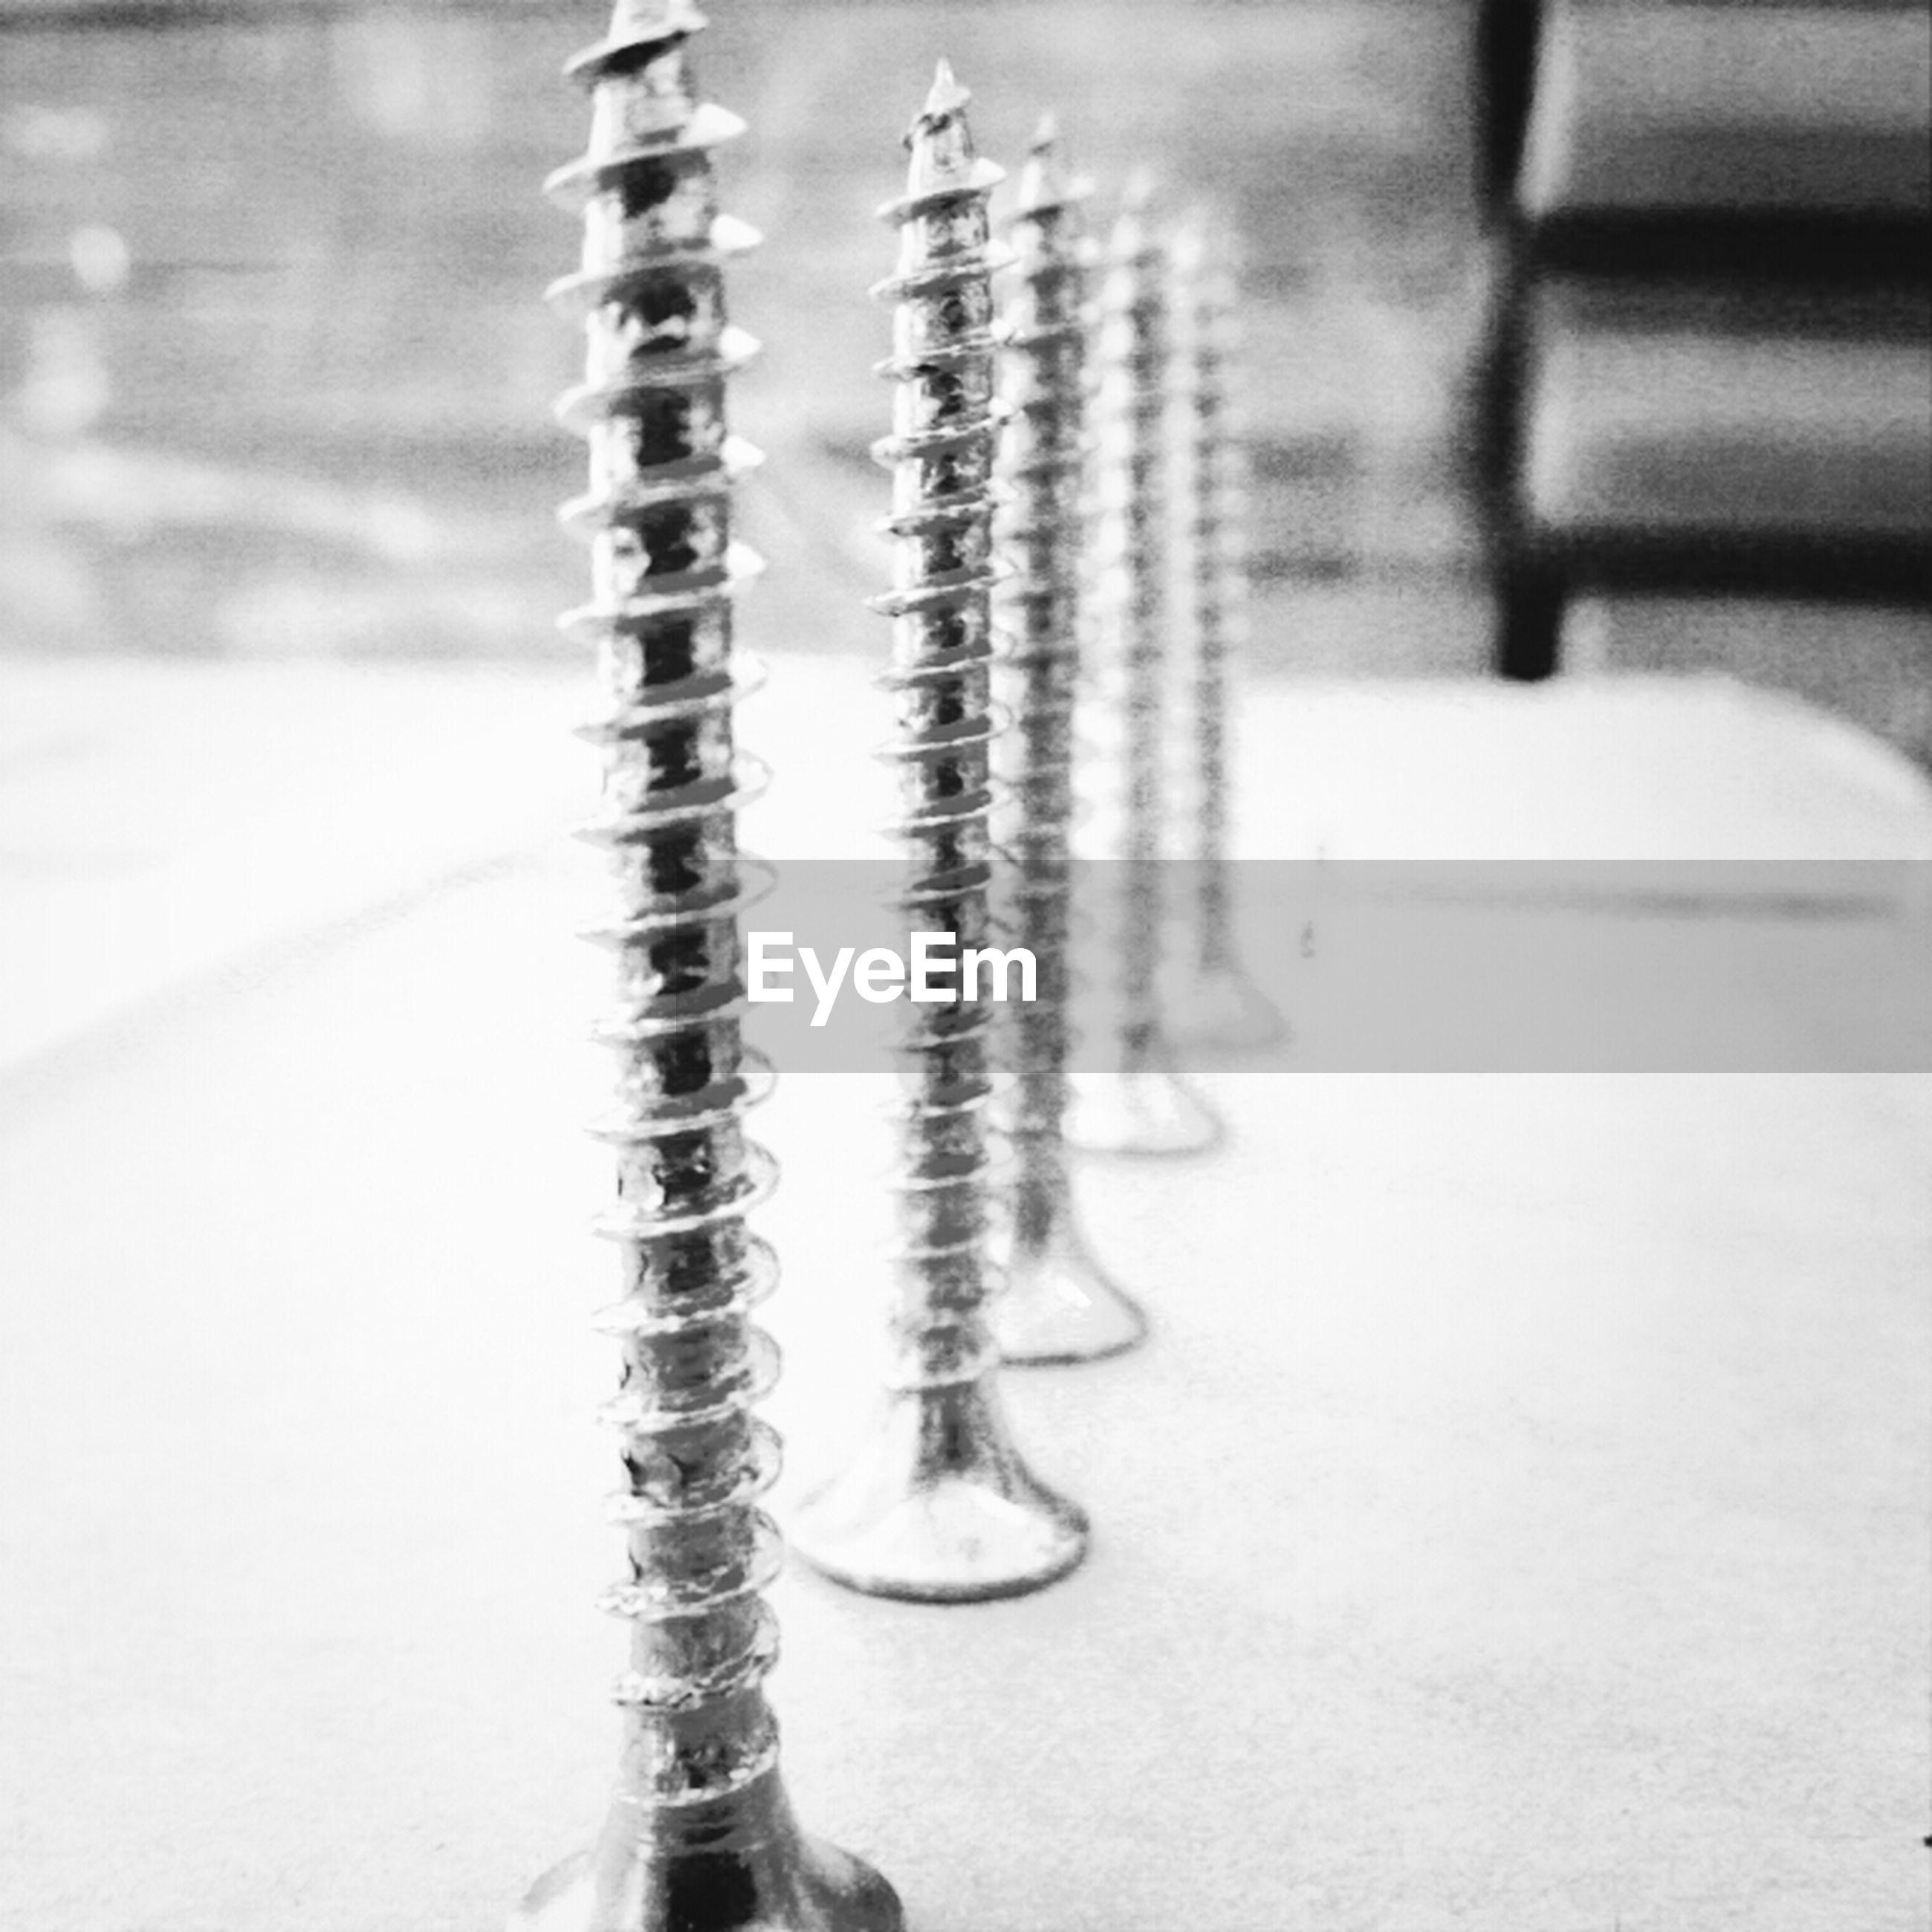 Screws on table